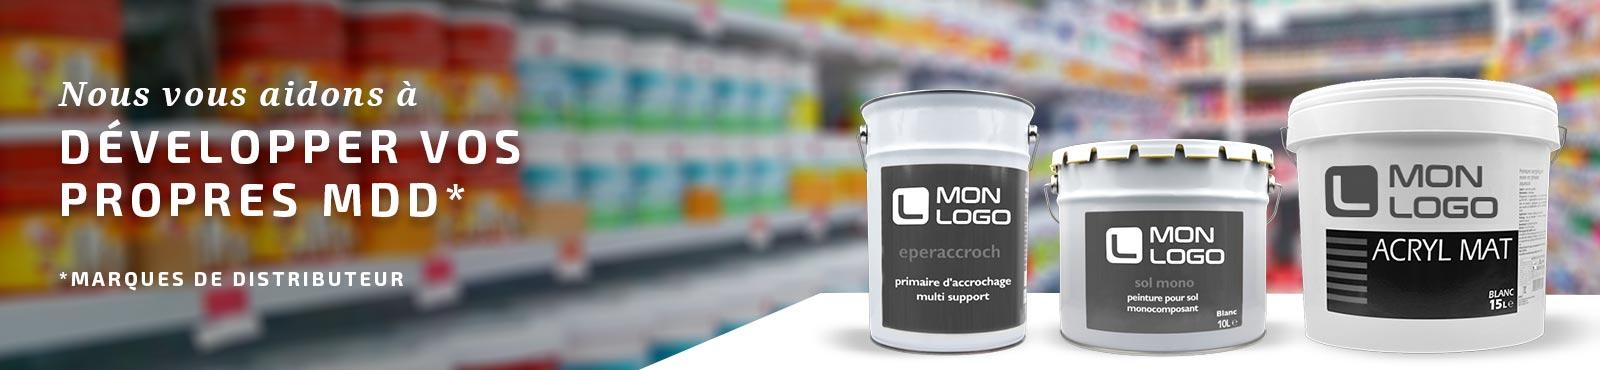 Nous vous aidons à développer vos marques de distributeur